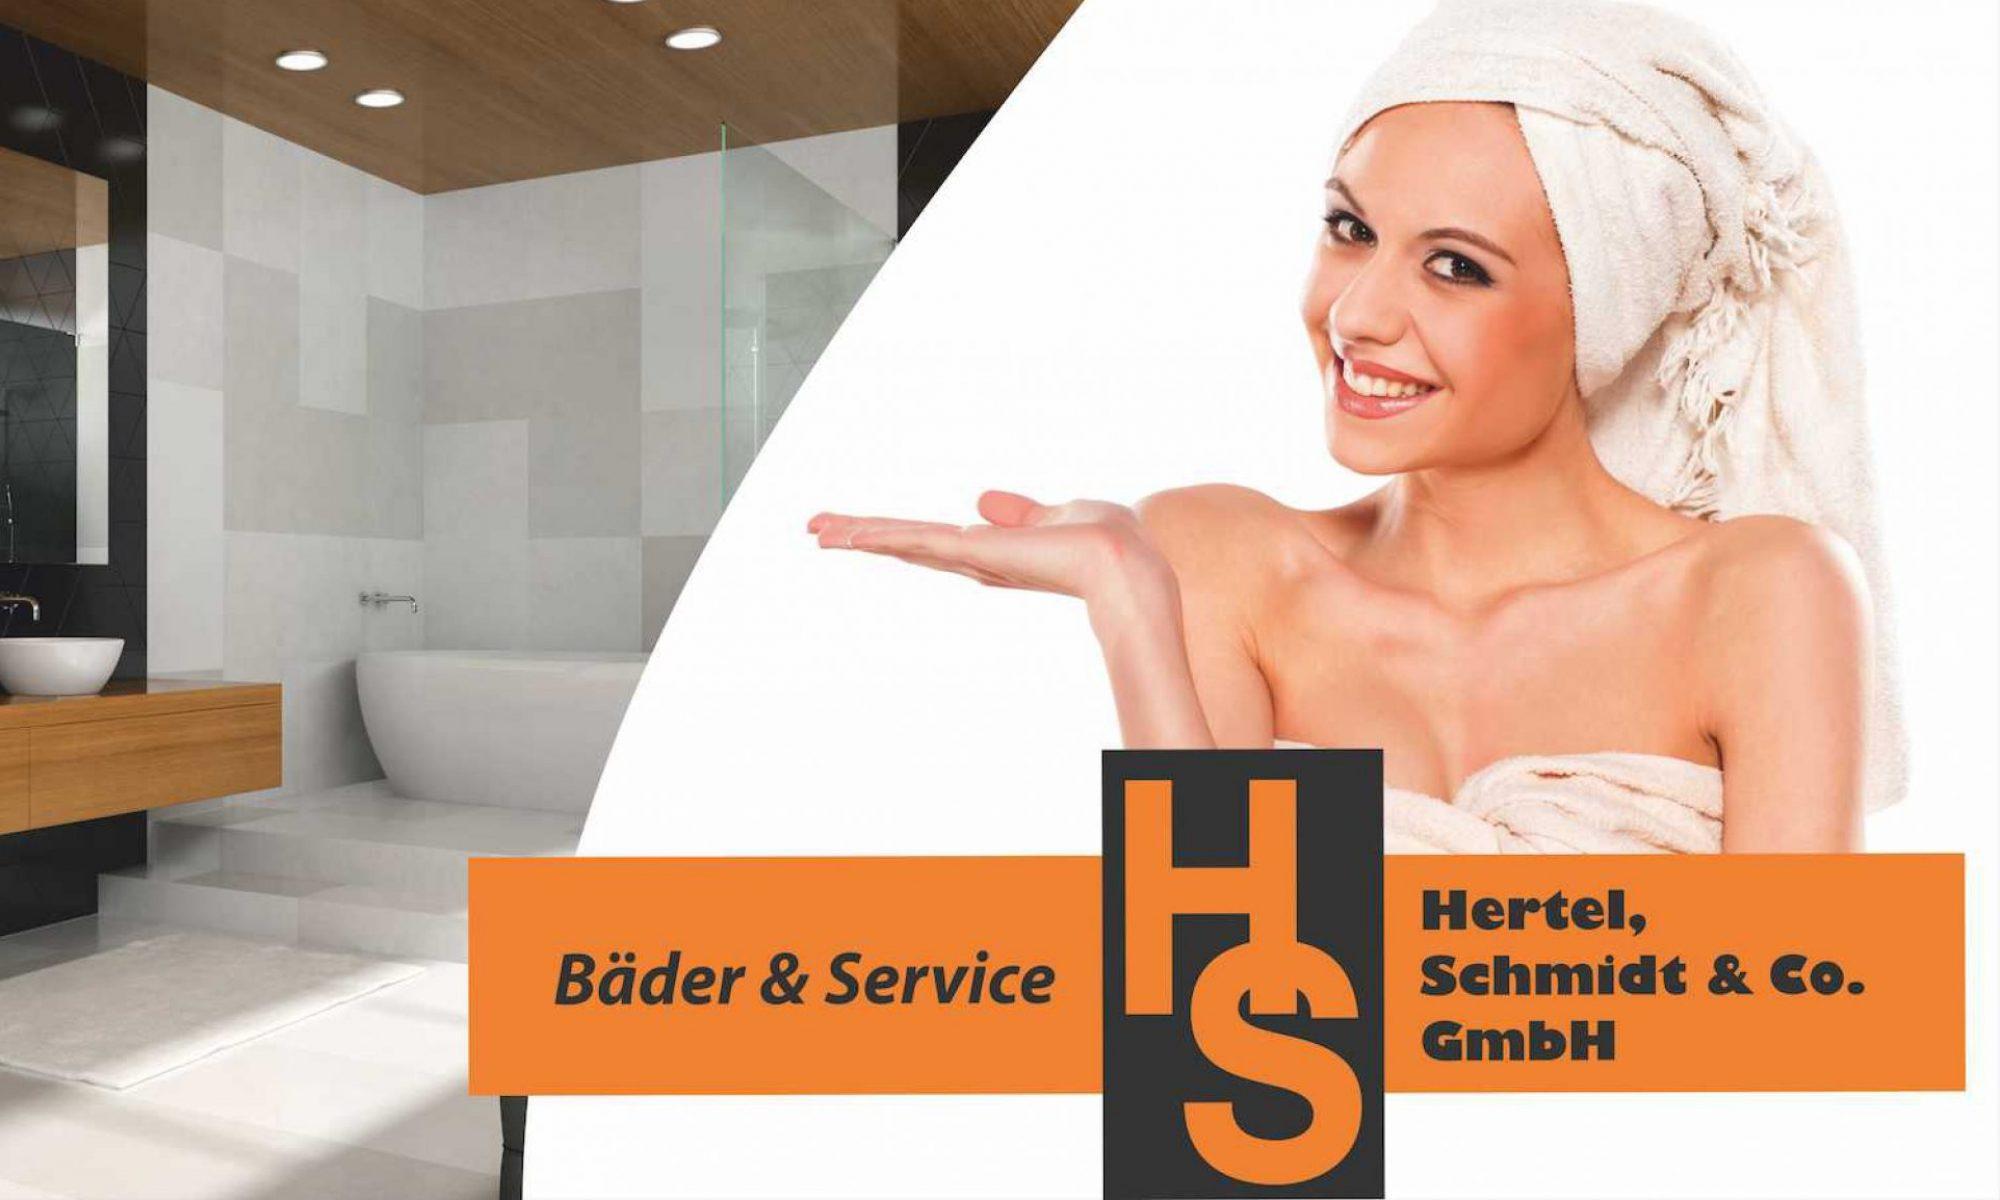 Hertel, Schmidt & Co. GmbH